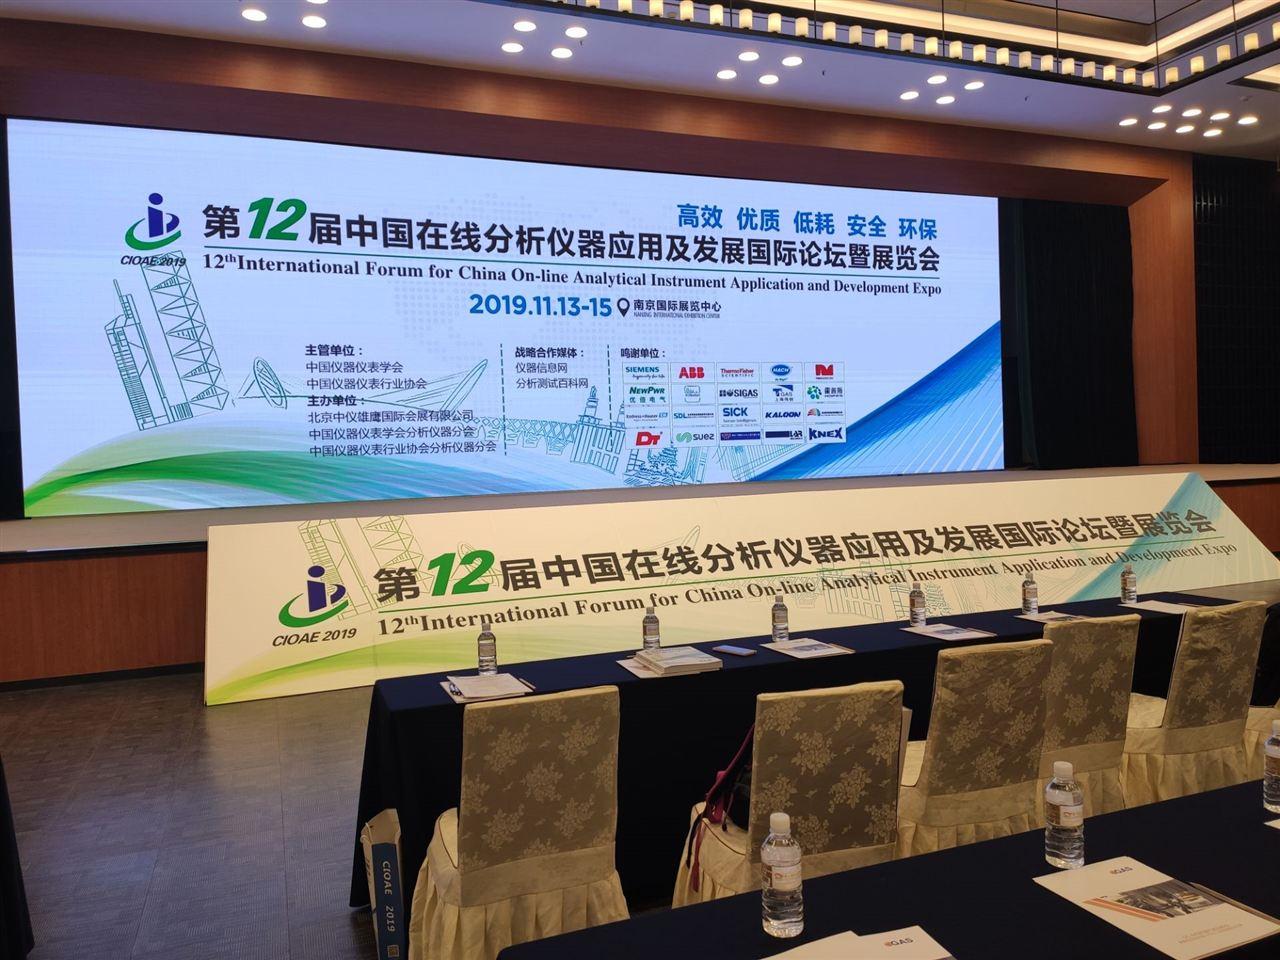 第十二届中国在线分析仪器应用及发展国际论坛暨展览会盛大开幕